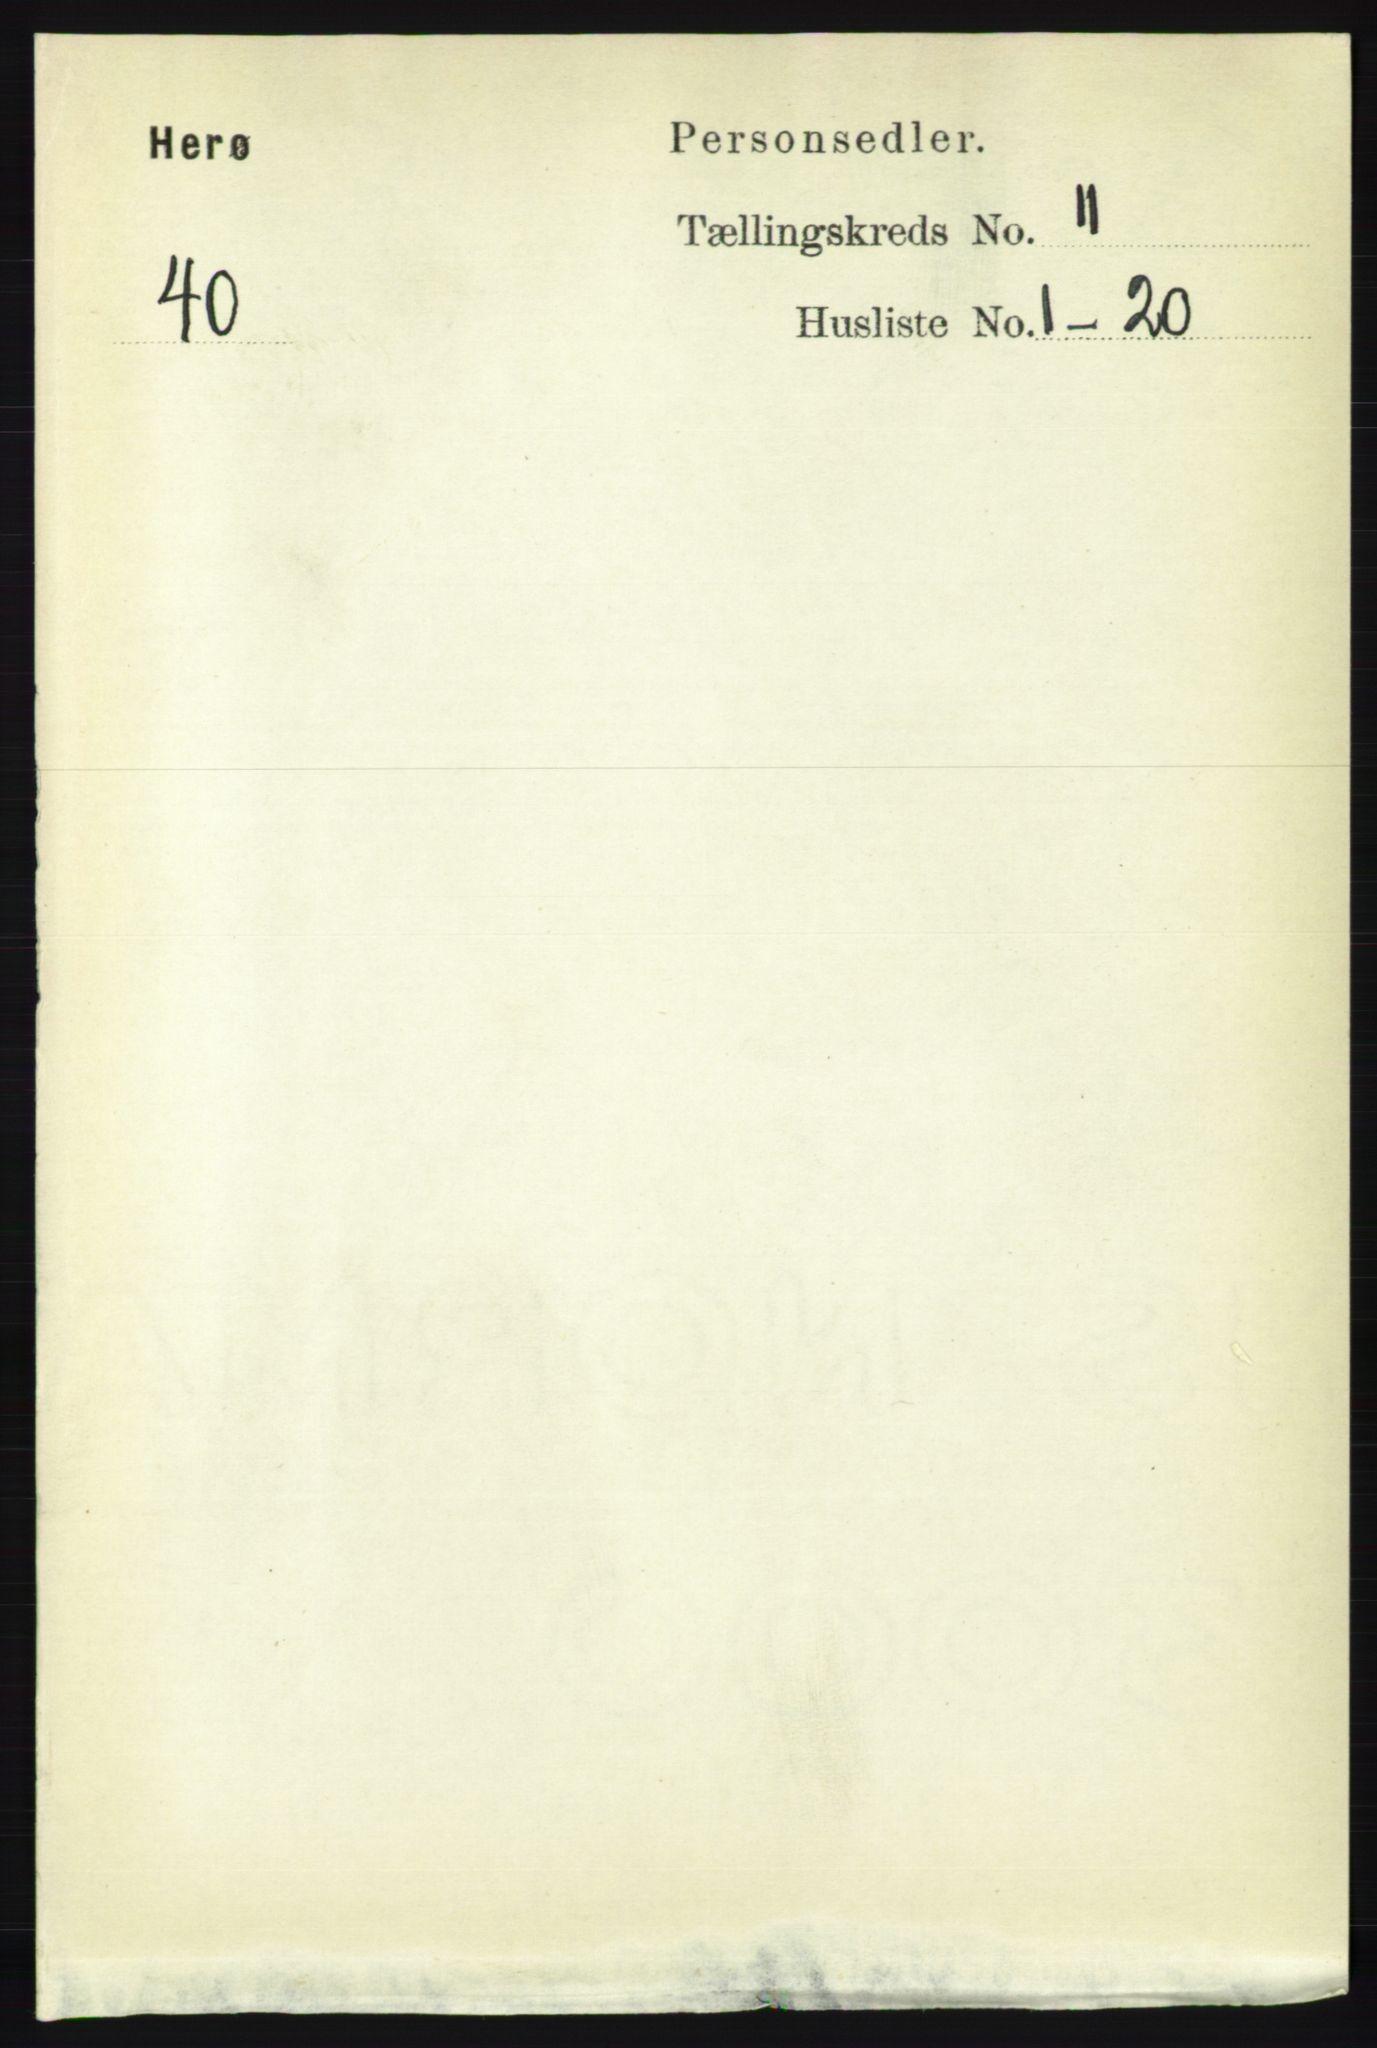 RA, Folketelling 1891 for 1818 Herøy herred, 1891, s. 4349